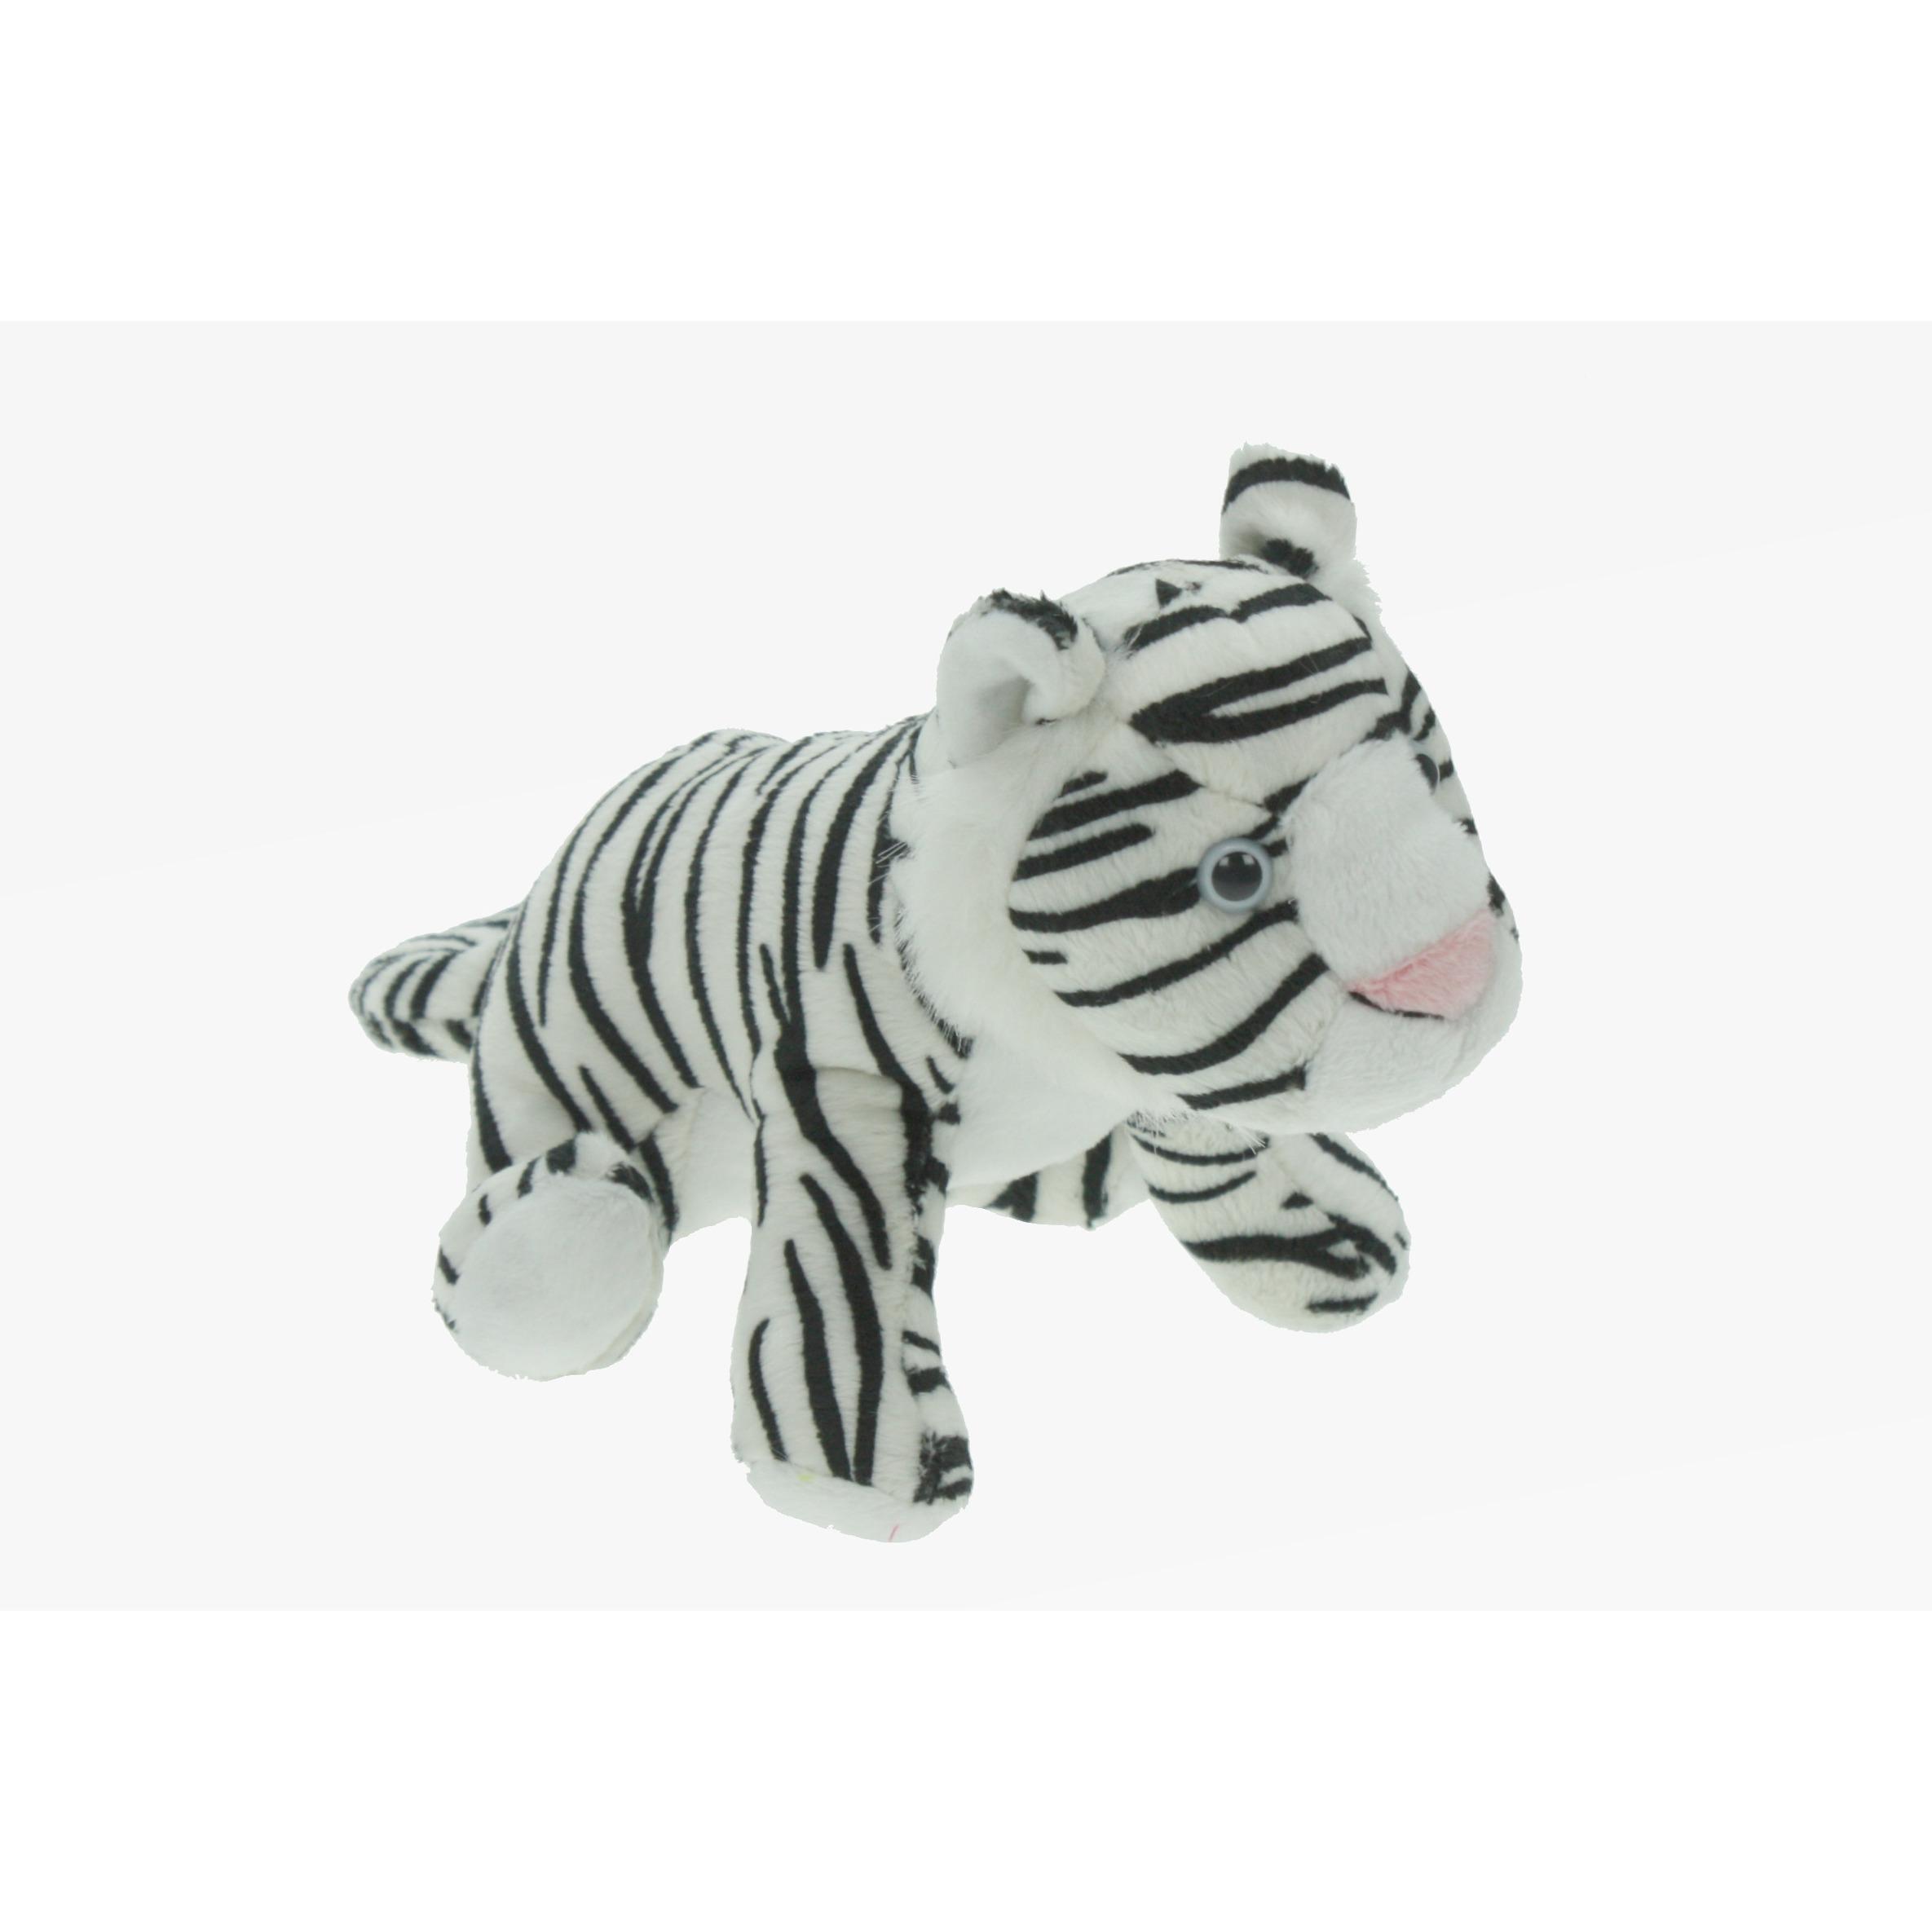 Pluche tijger knuffel wit 23 cm speelgoed knuffeldier